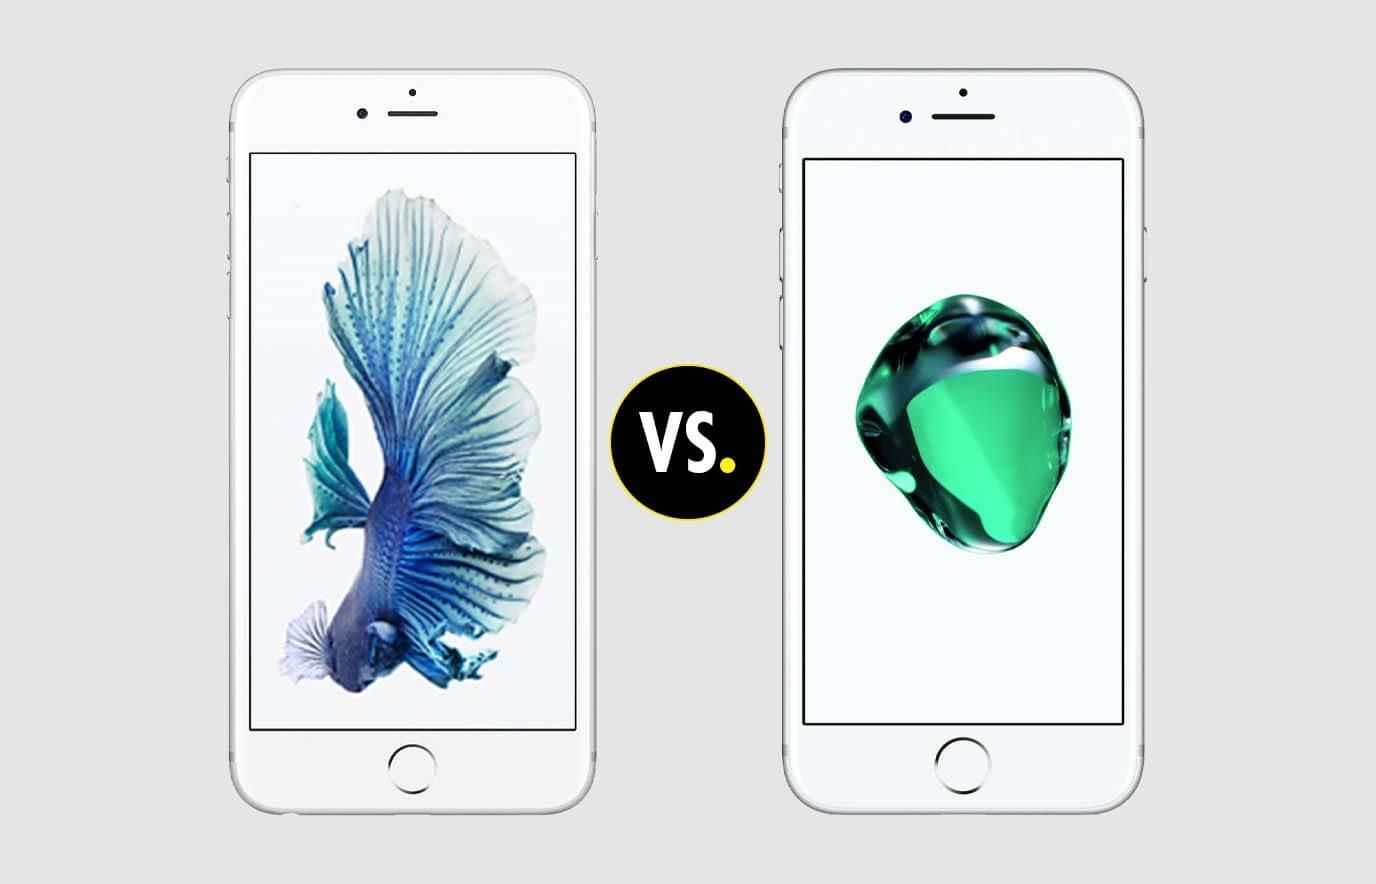 De iPhone 6S Plus en de iPhone 7 Plus: wat zijn de verschillen?